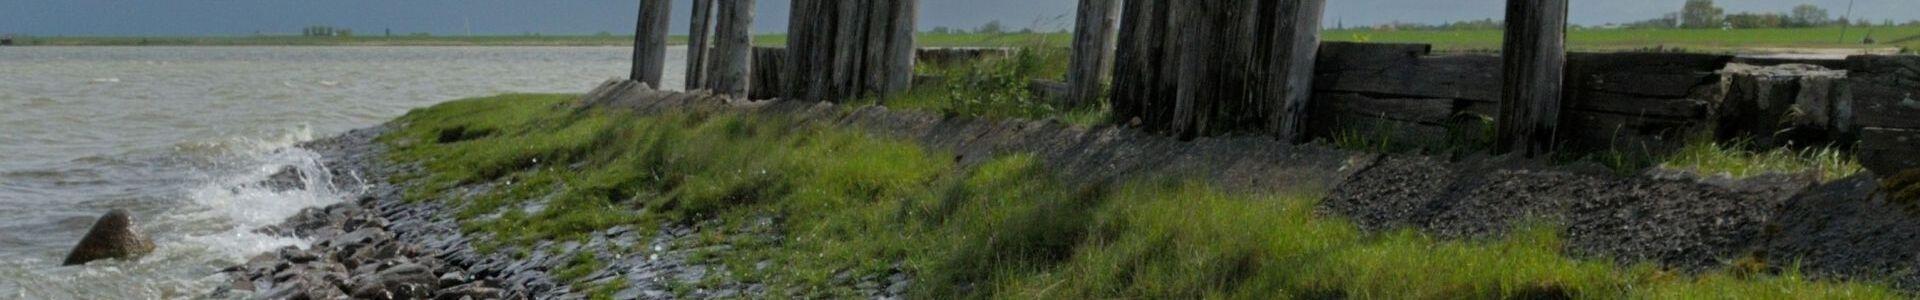 wetterskip fryslan